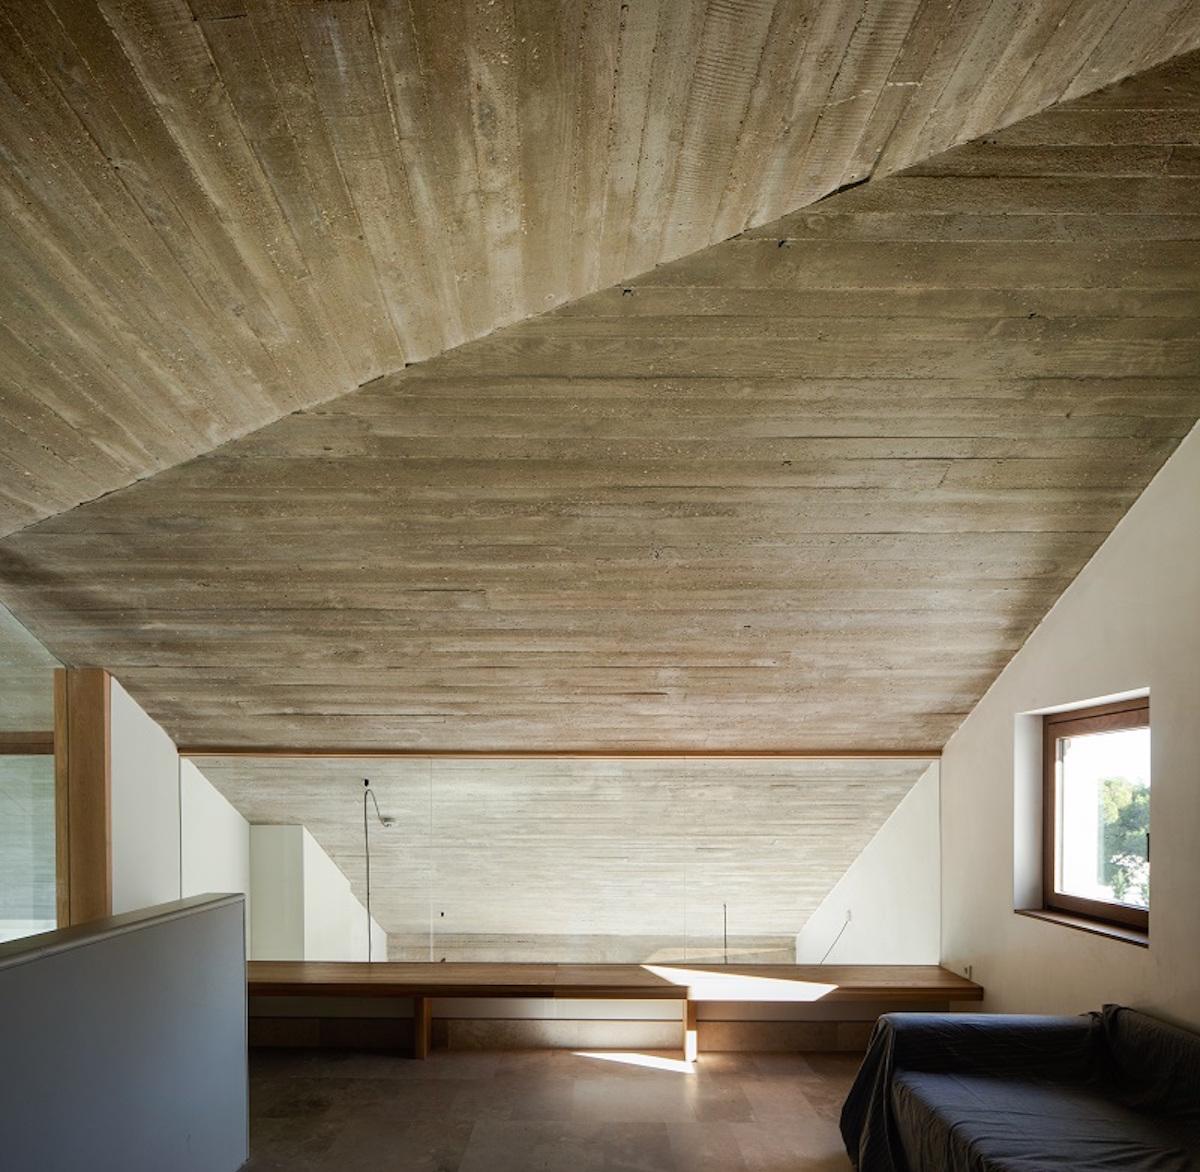 Stropy odhalují konstrukční beton